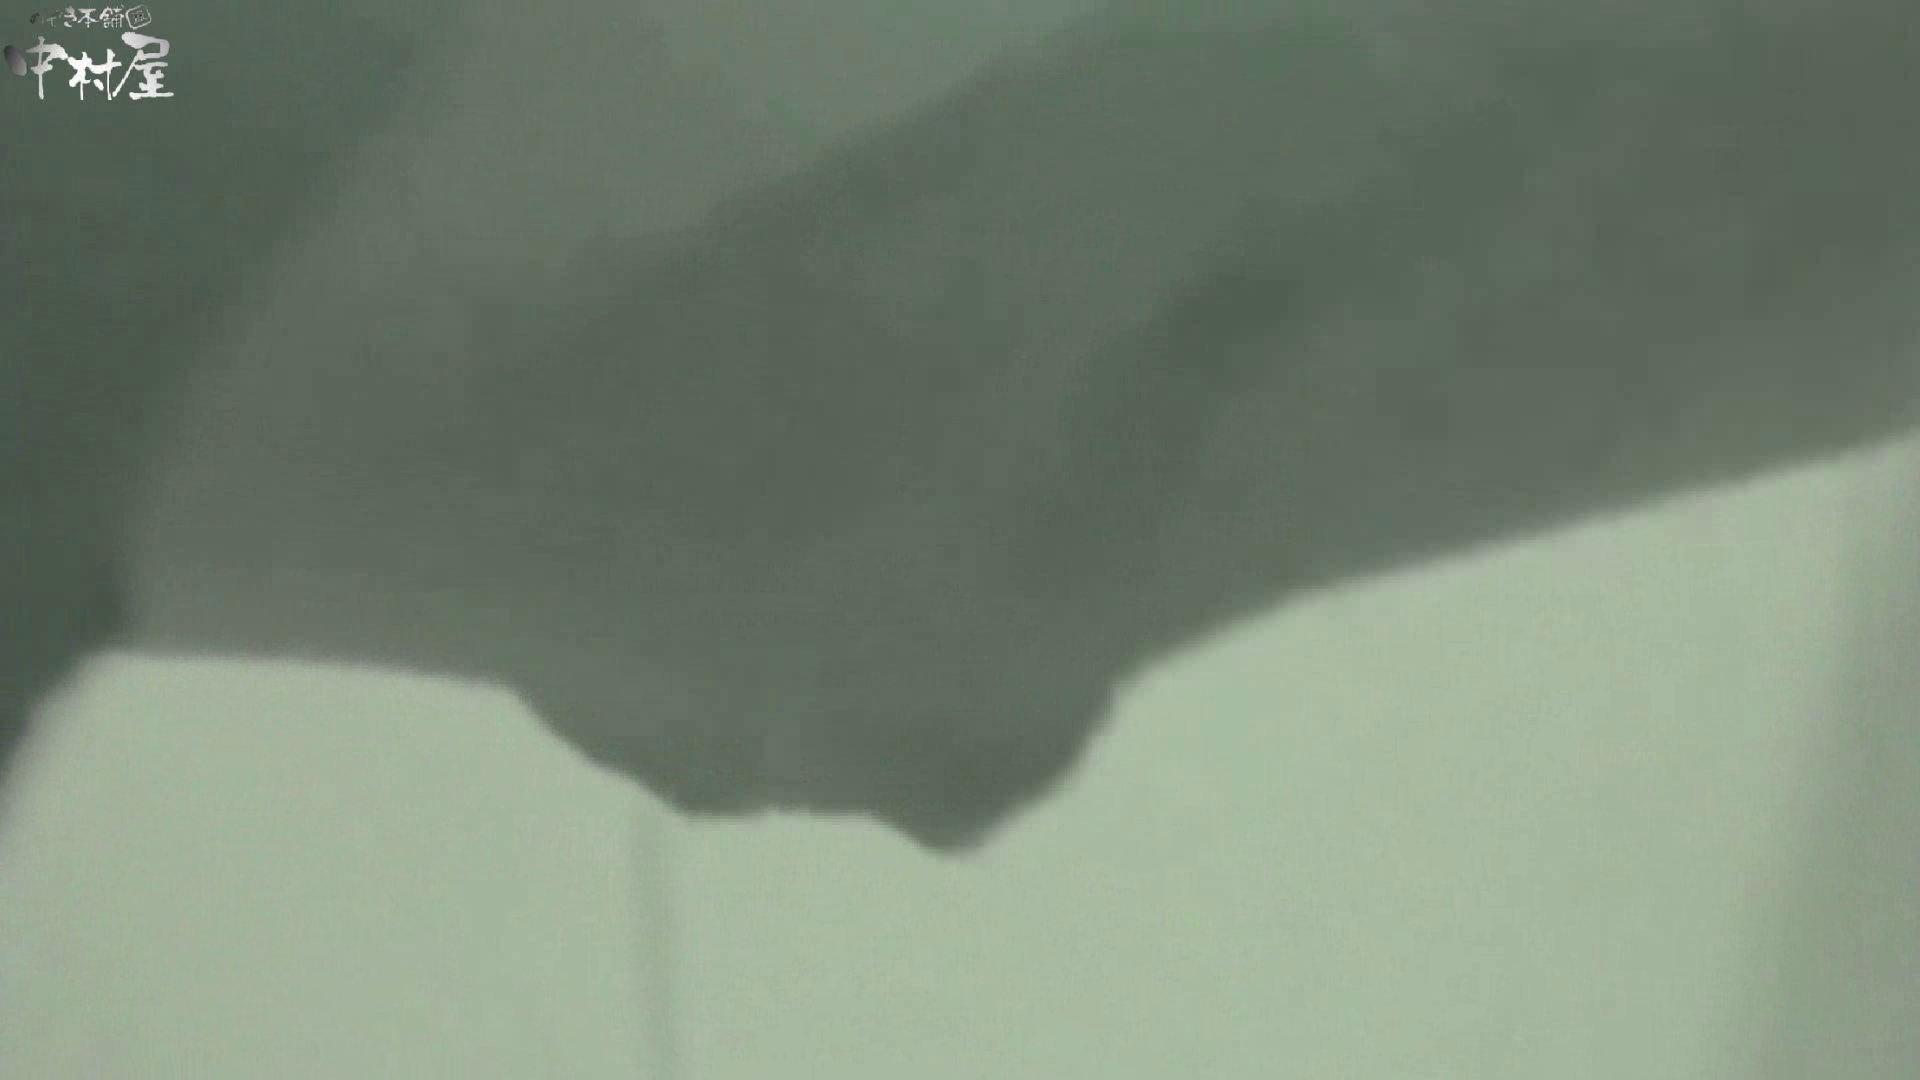 解禁!海の家4カメ洗面所vol.08 洗面所突入 戯れ無修正画像 107pic 6